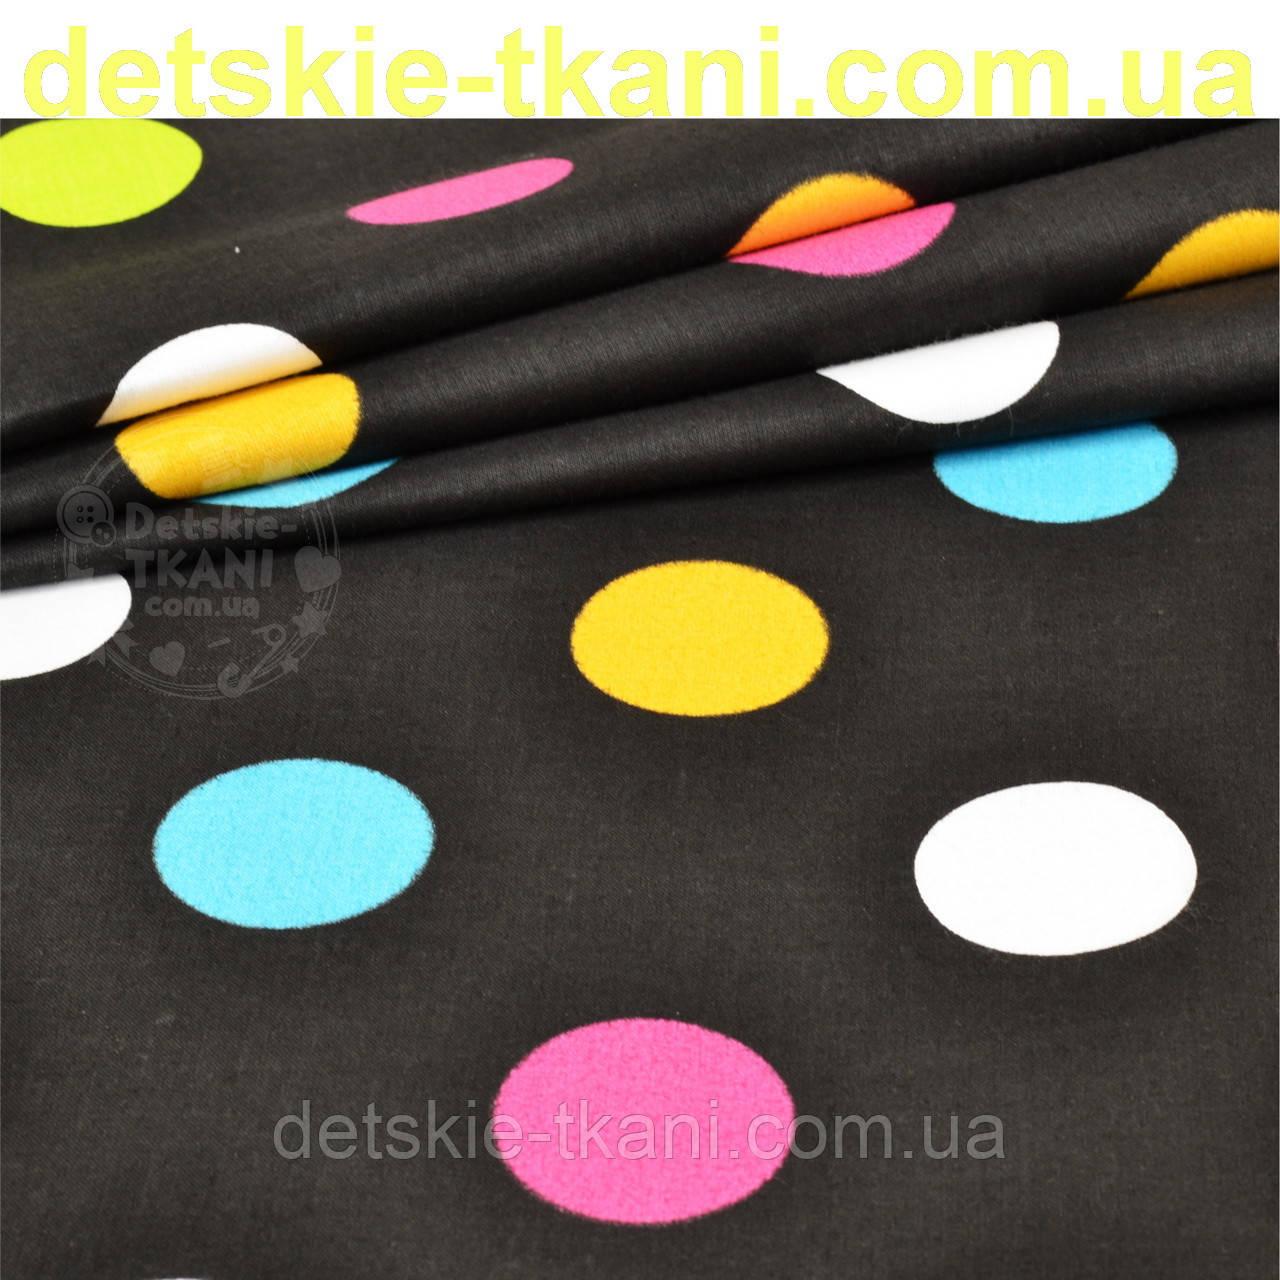 Ткань хлопковая с крупными цветными горохами на чёрном фоне (№ 836)